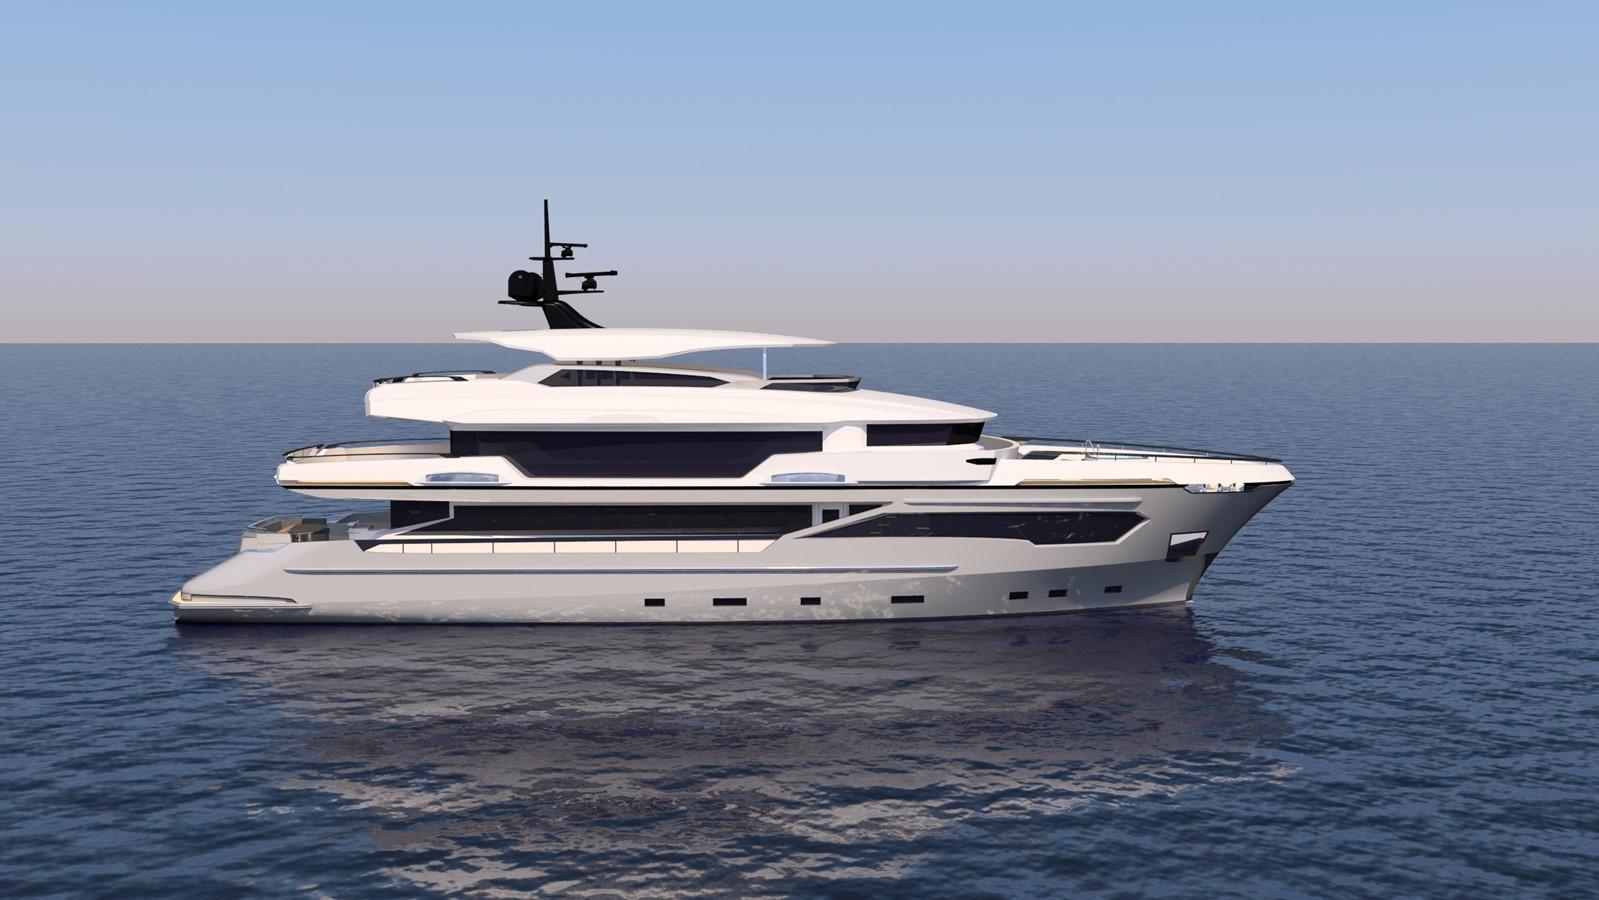 2022 AVA YACHTS Kando 130 Motor Yacht 2091087